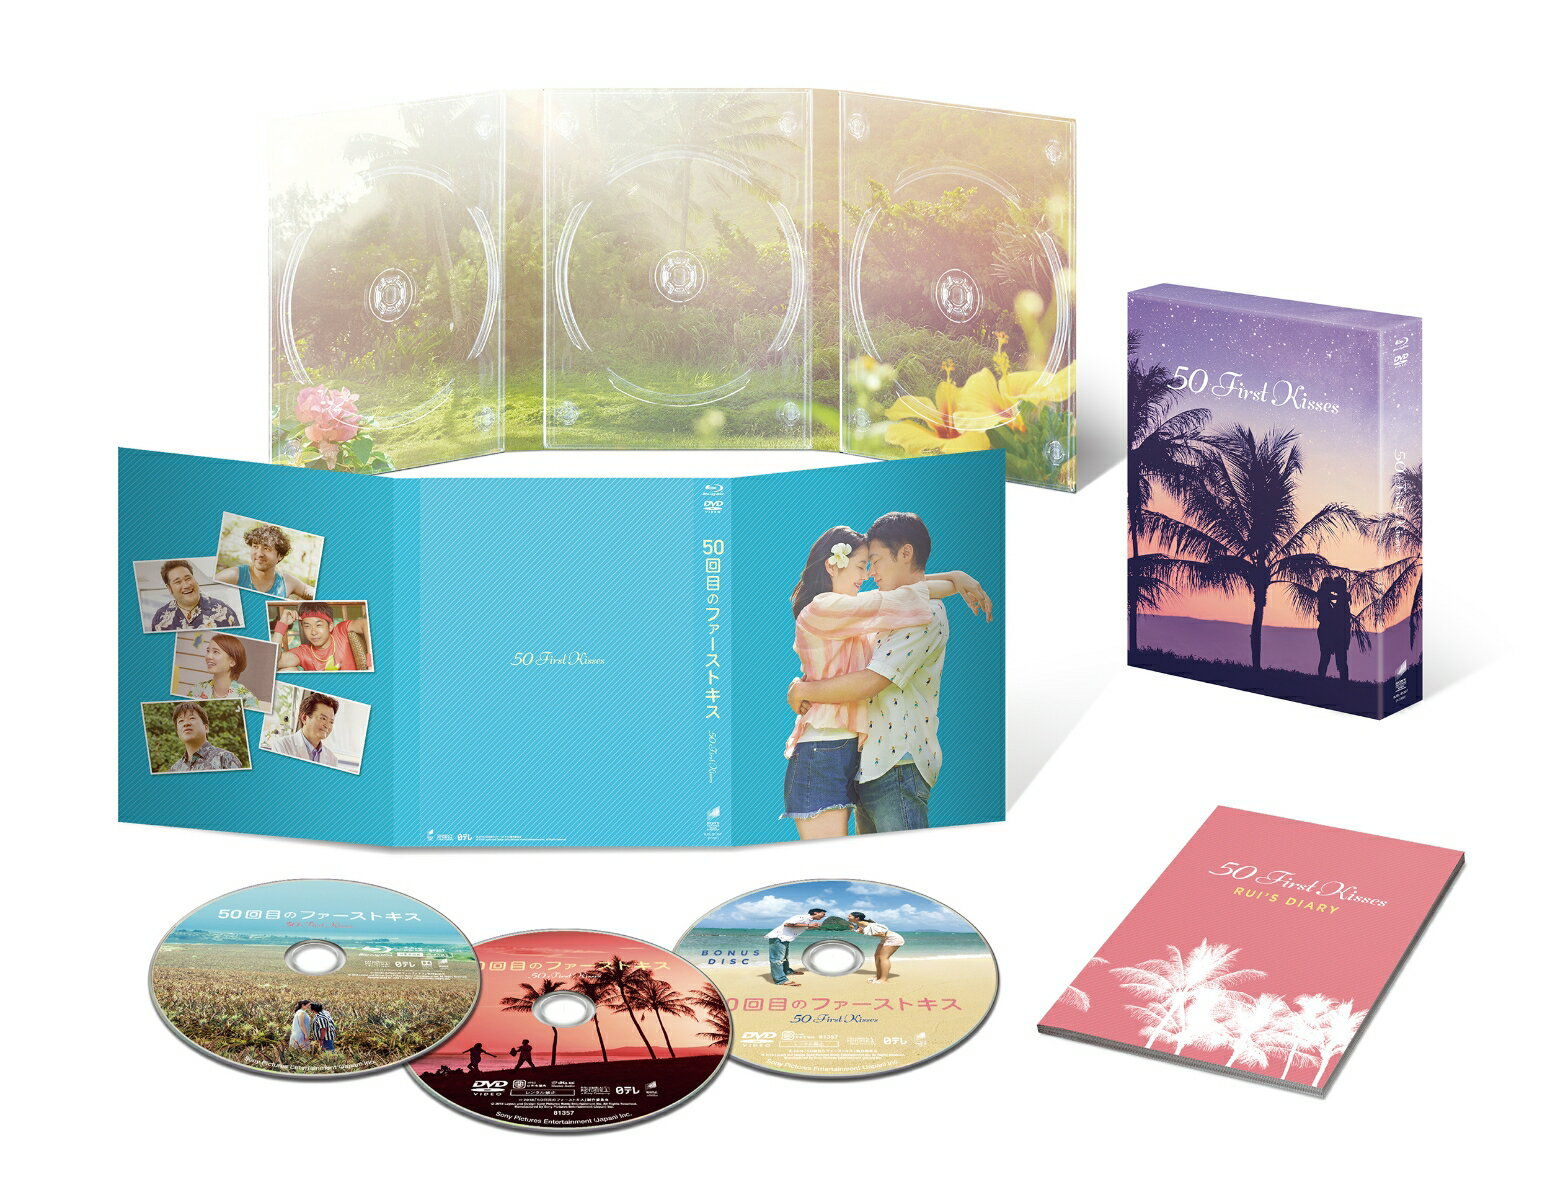 50回目のファーストキス 豪華版ブルーレイ&DVDセット(初回生産限定)【Blu-ray】 [ 山田孝之 ]